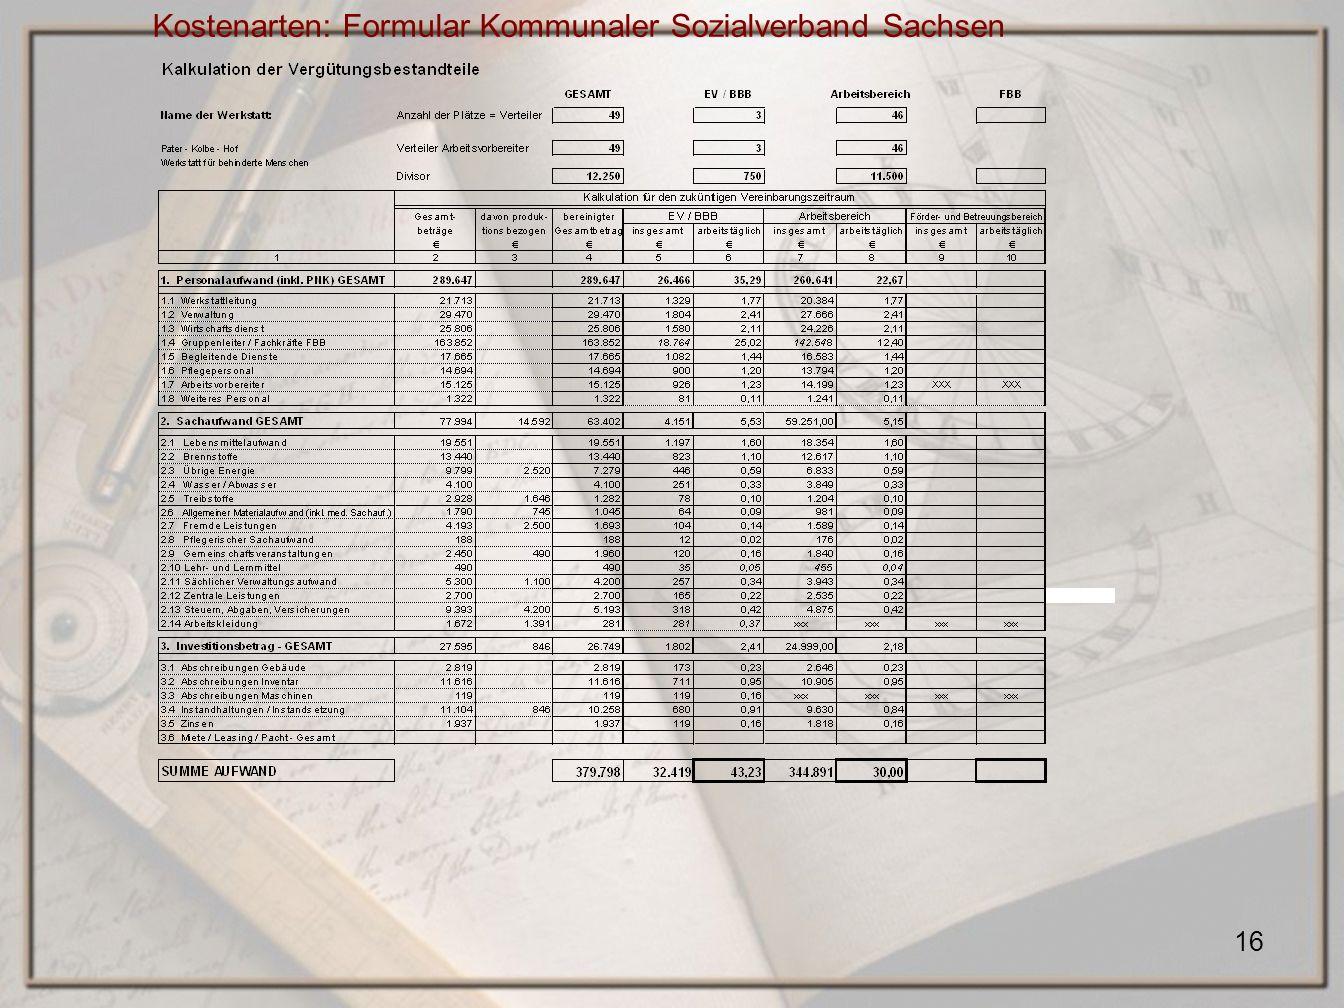 Kostenarten: Formular Kommunaler Sozialverband Sachsen